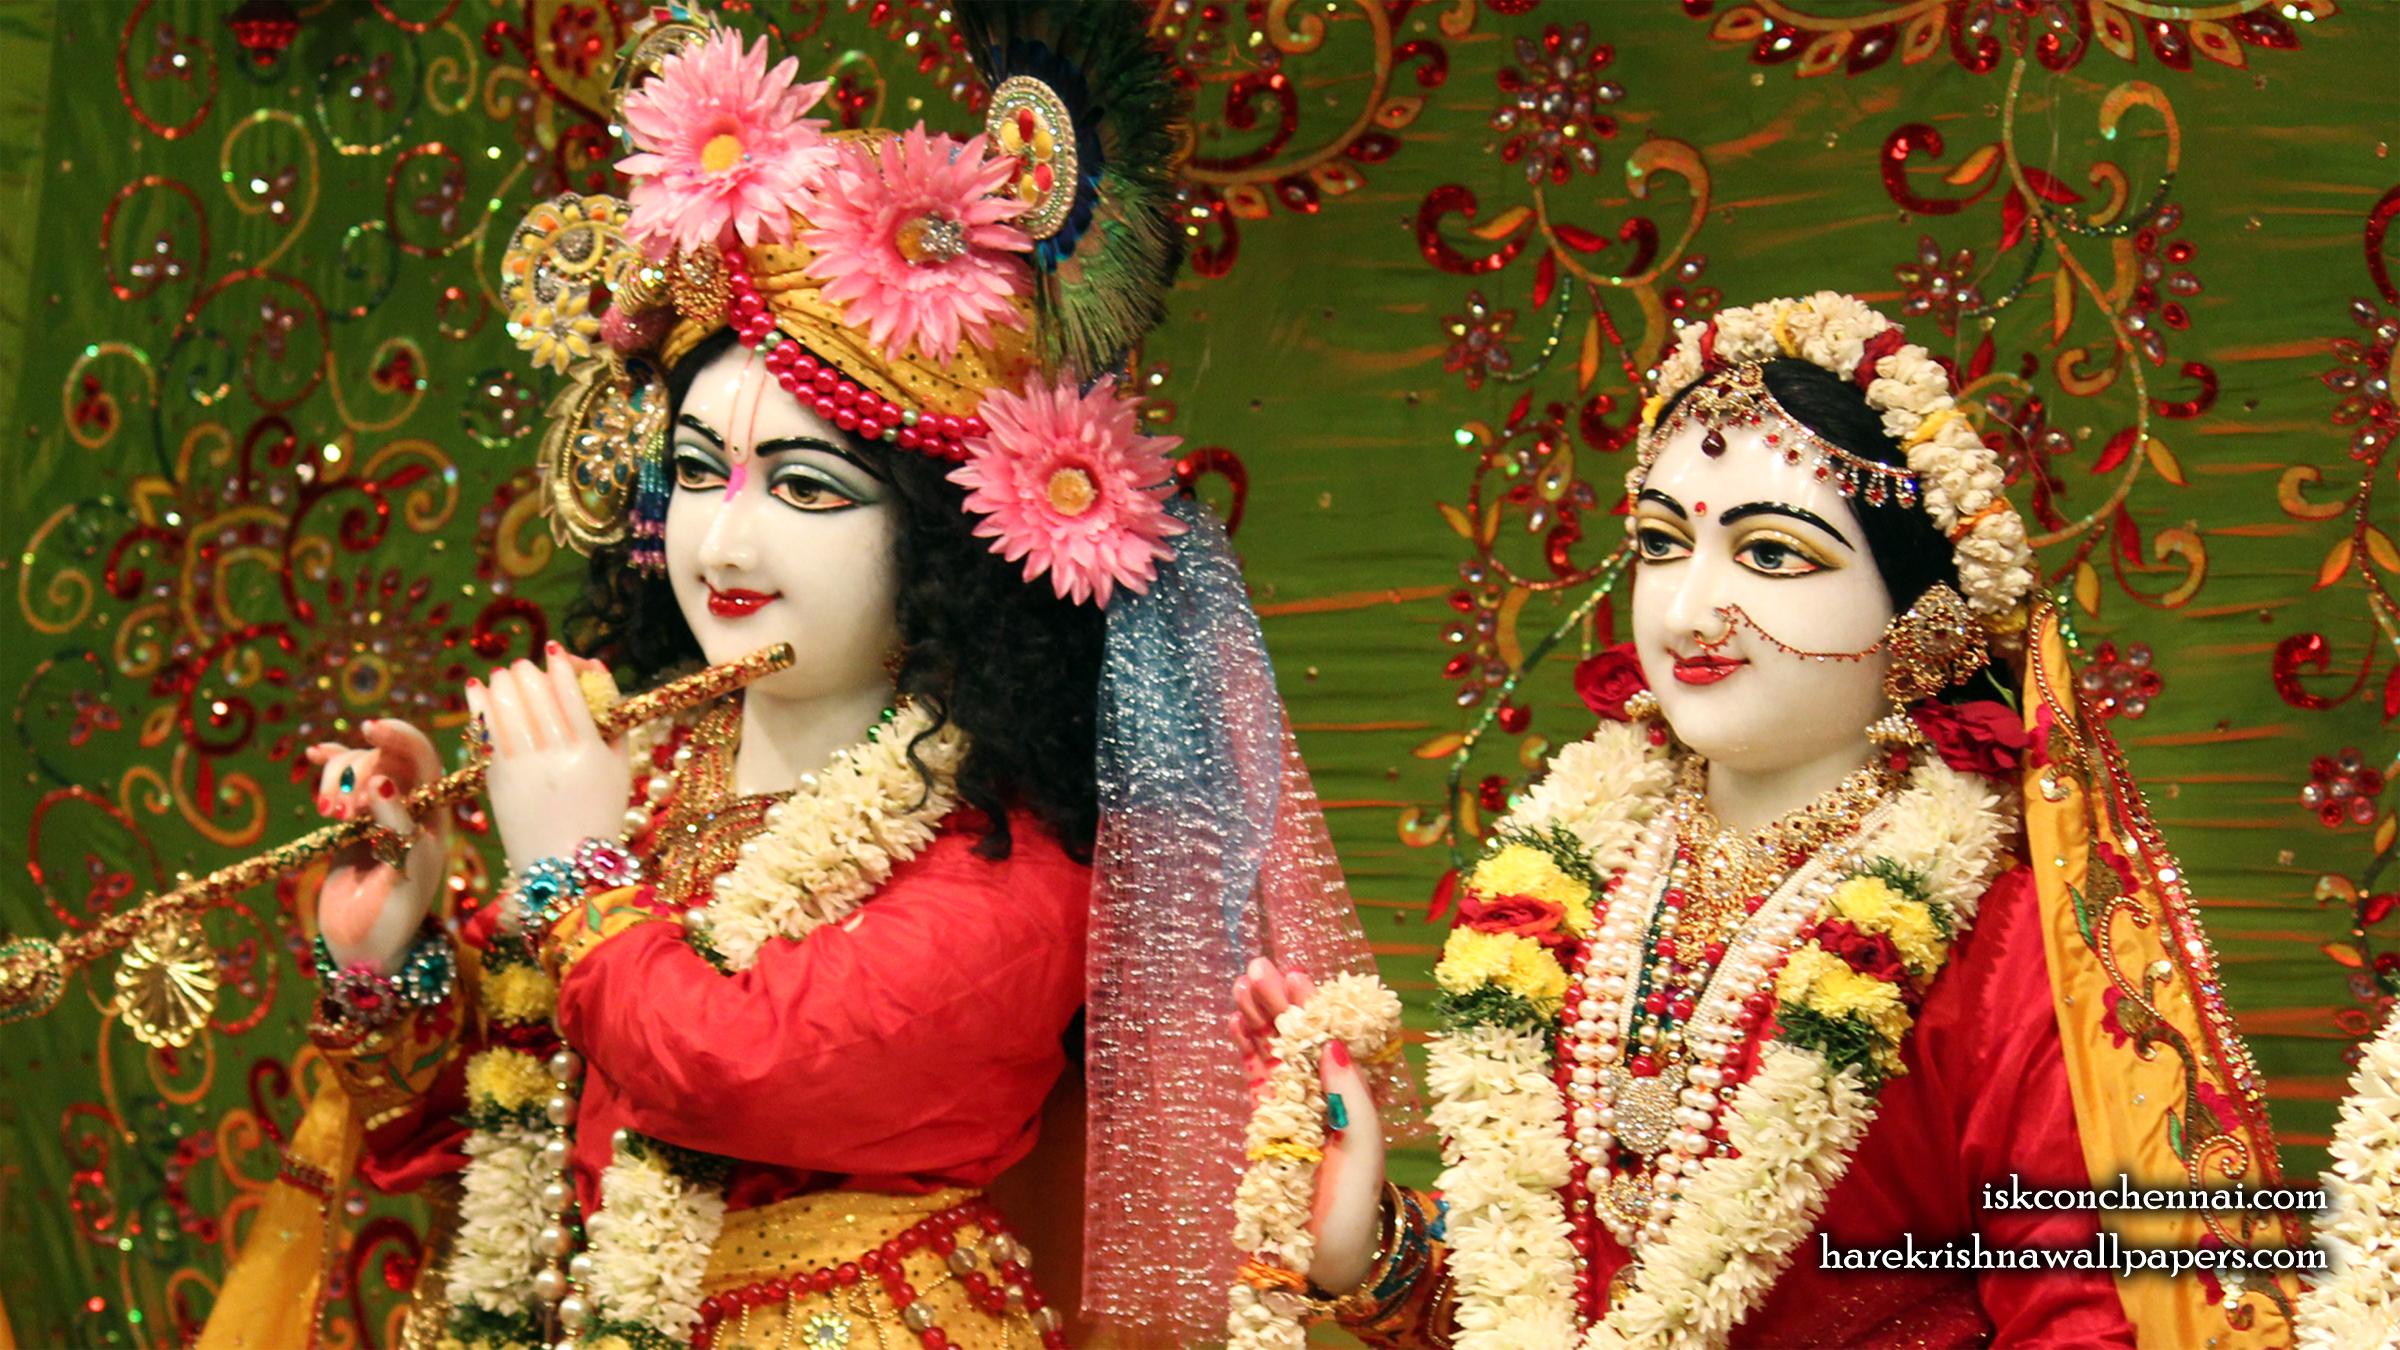 Sri Sri Radha Krishna Close up Wallpaper (015) Size 2400x1350 Download